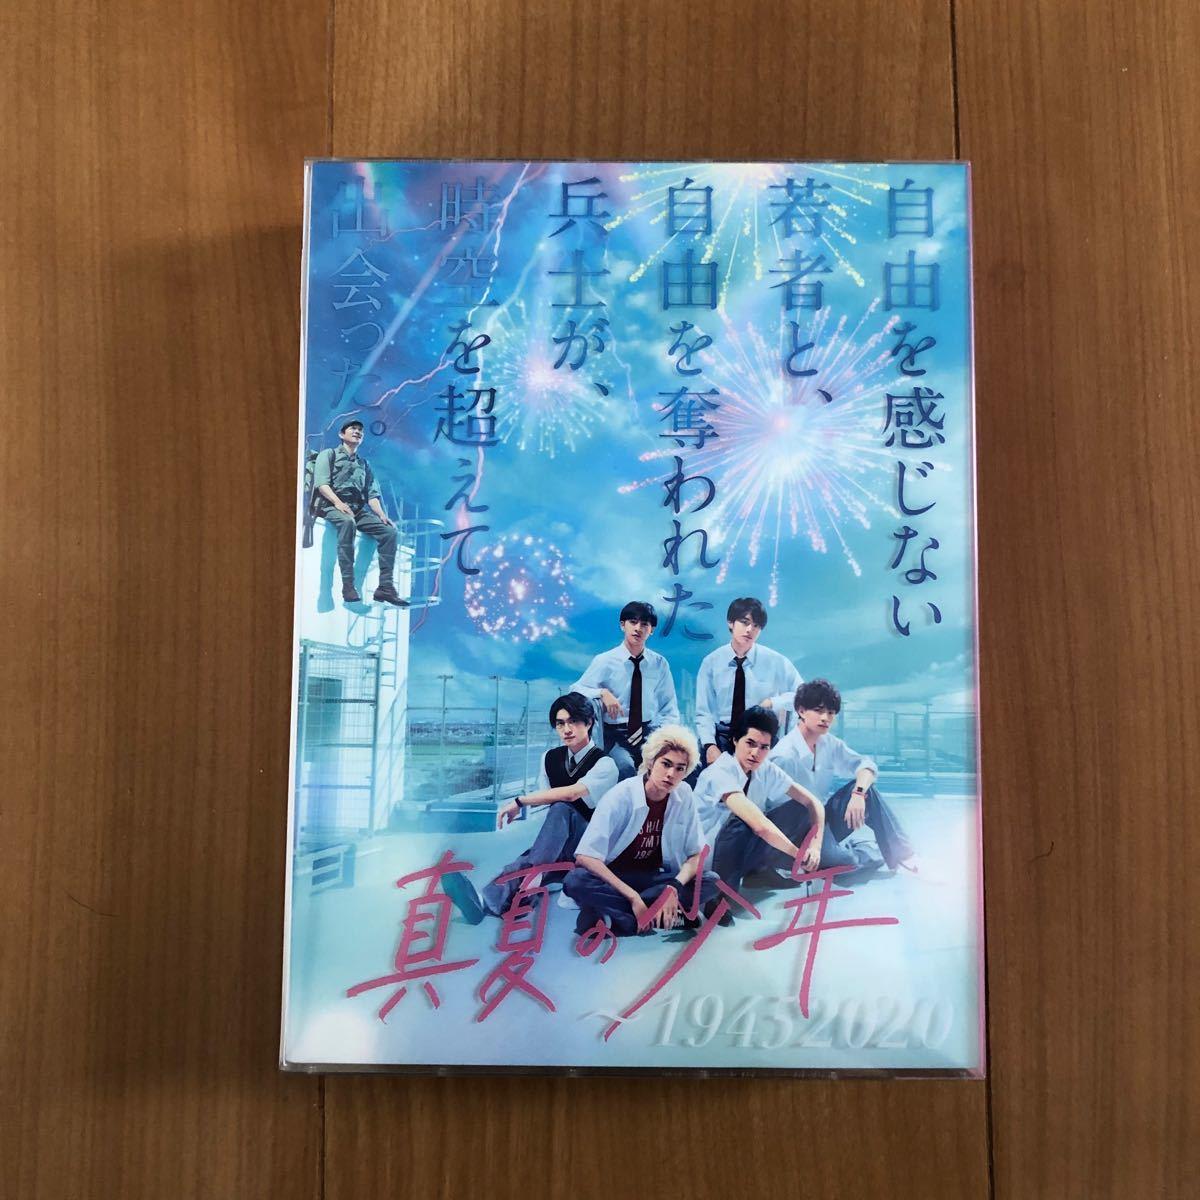 真夏の少年 19452020 Blu-ray BOX